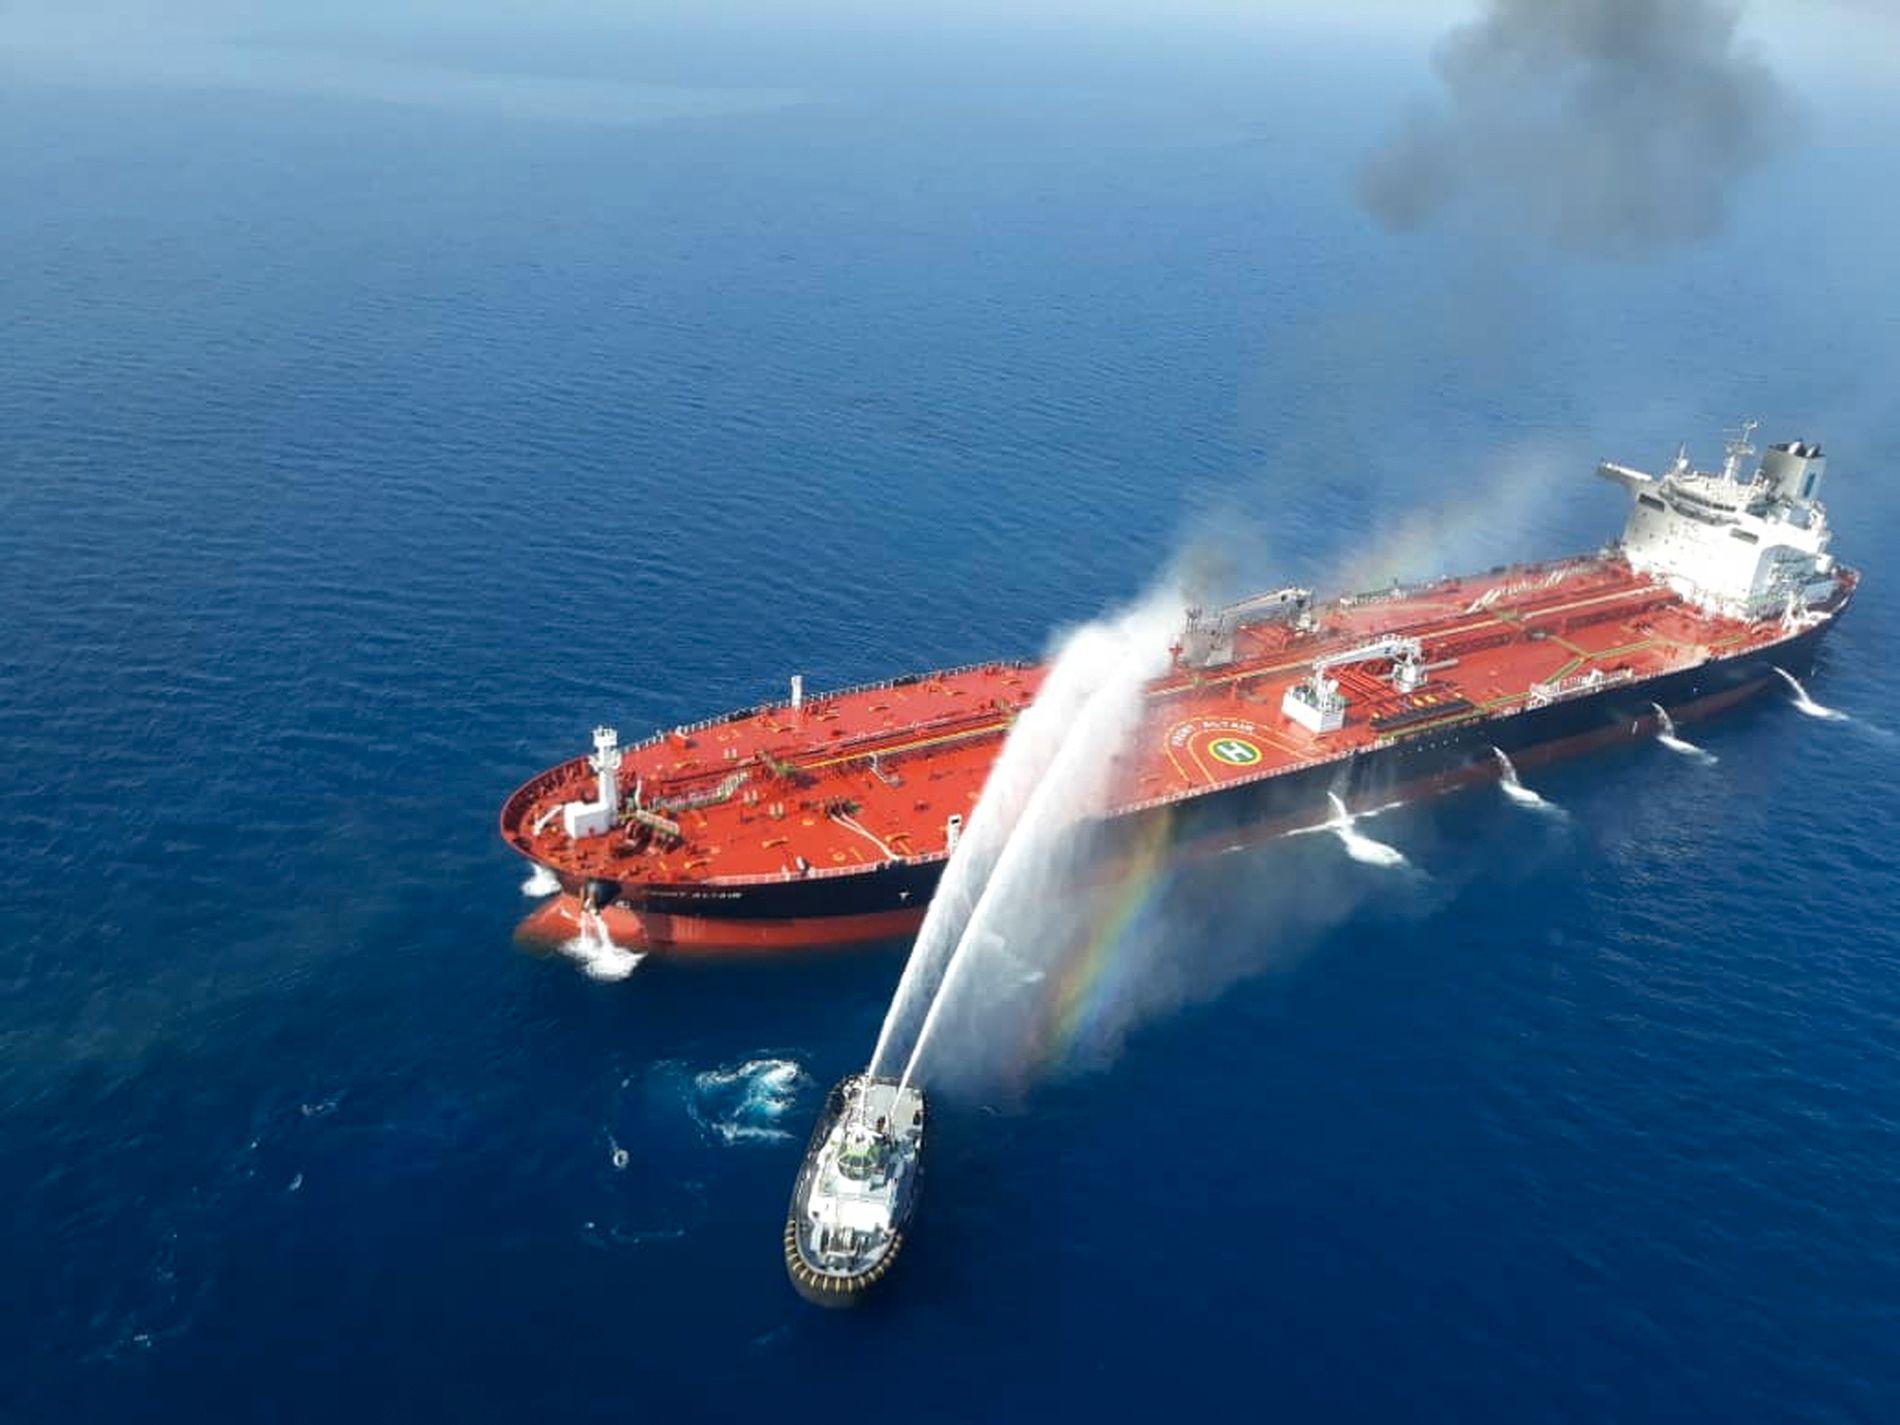 En båt fra den iranske marinen deltok torsdag i slukkingen av brannen på oljetankeren Front Altair, som eies av John Fredriksens rederi Frontline. Foto: Tasnim / AP / NTB scanpix